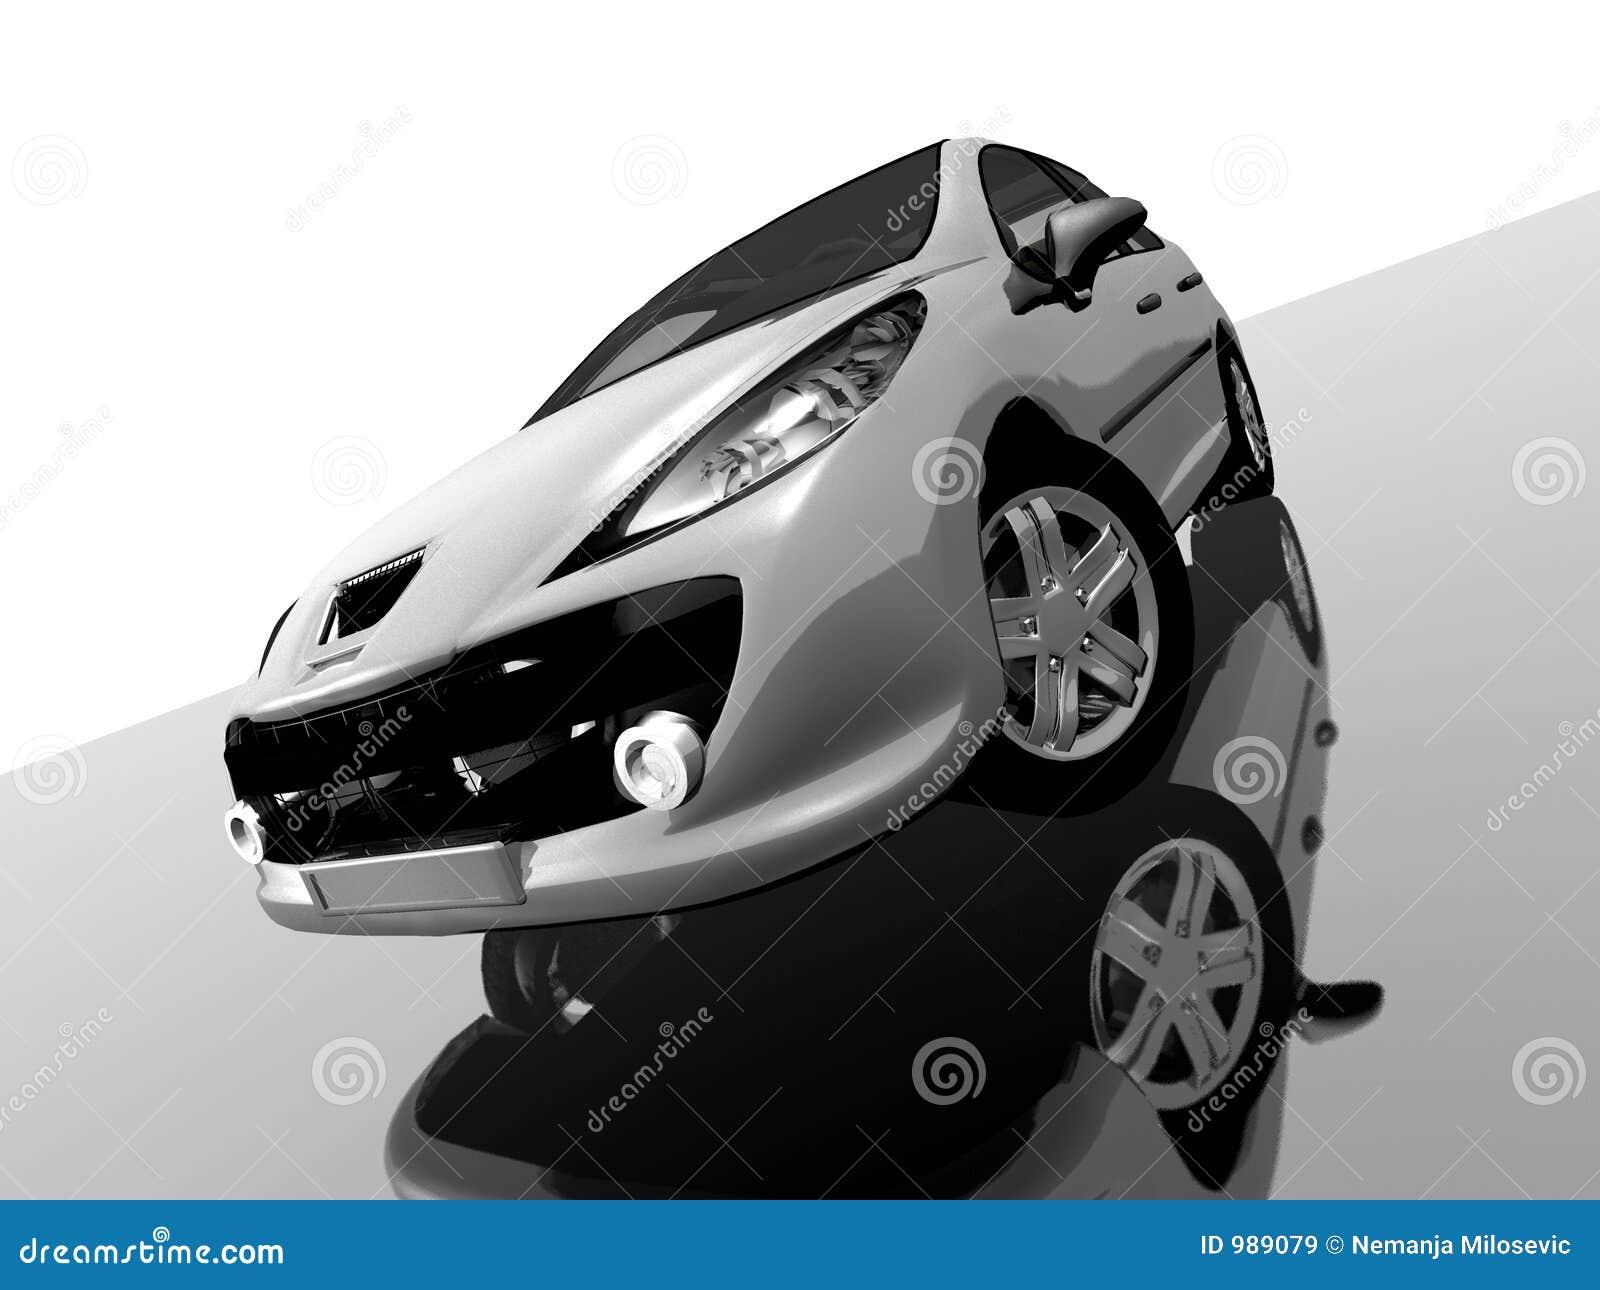 Peugeot207